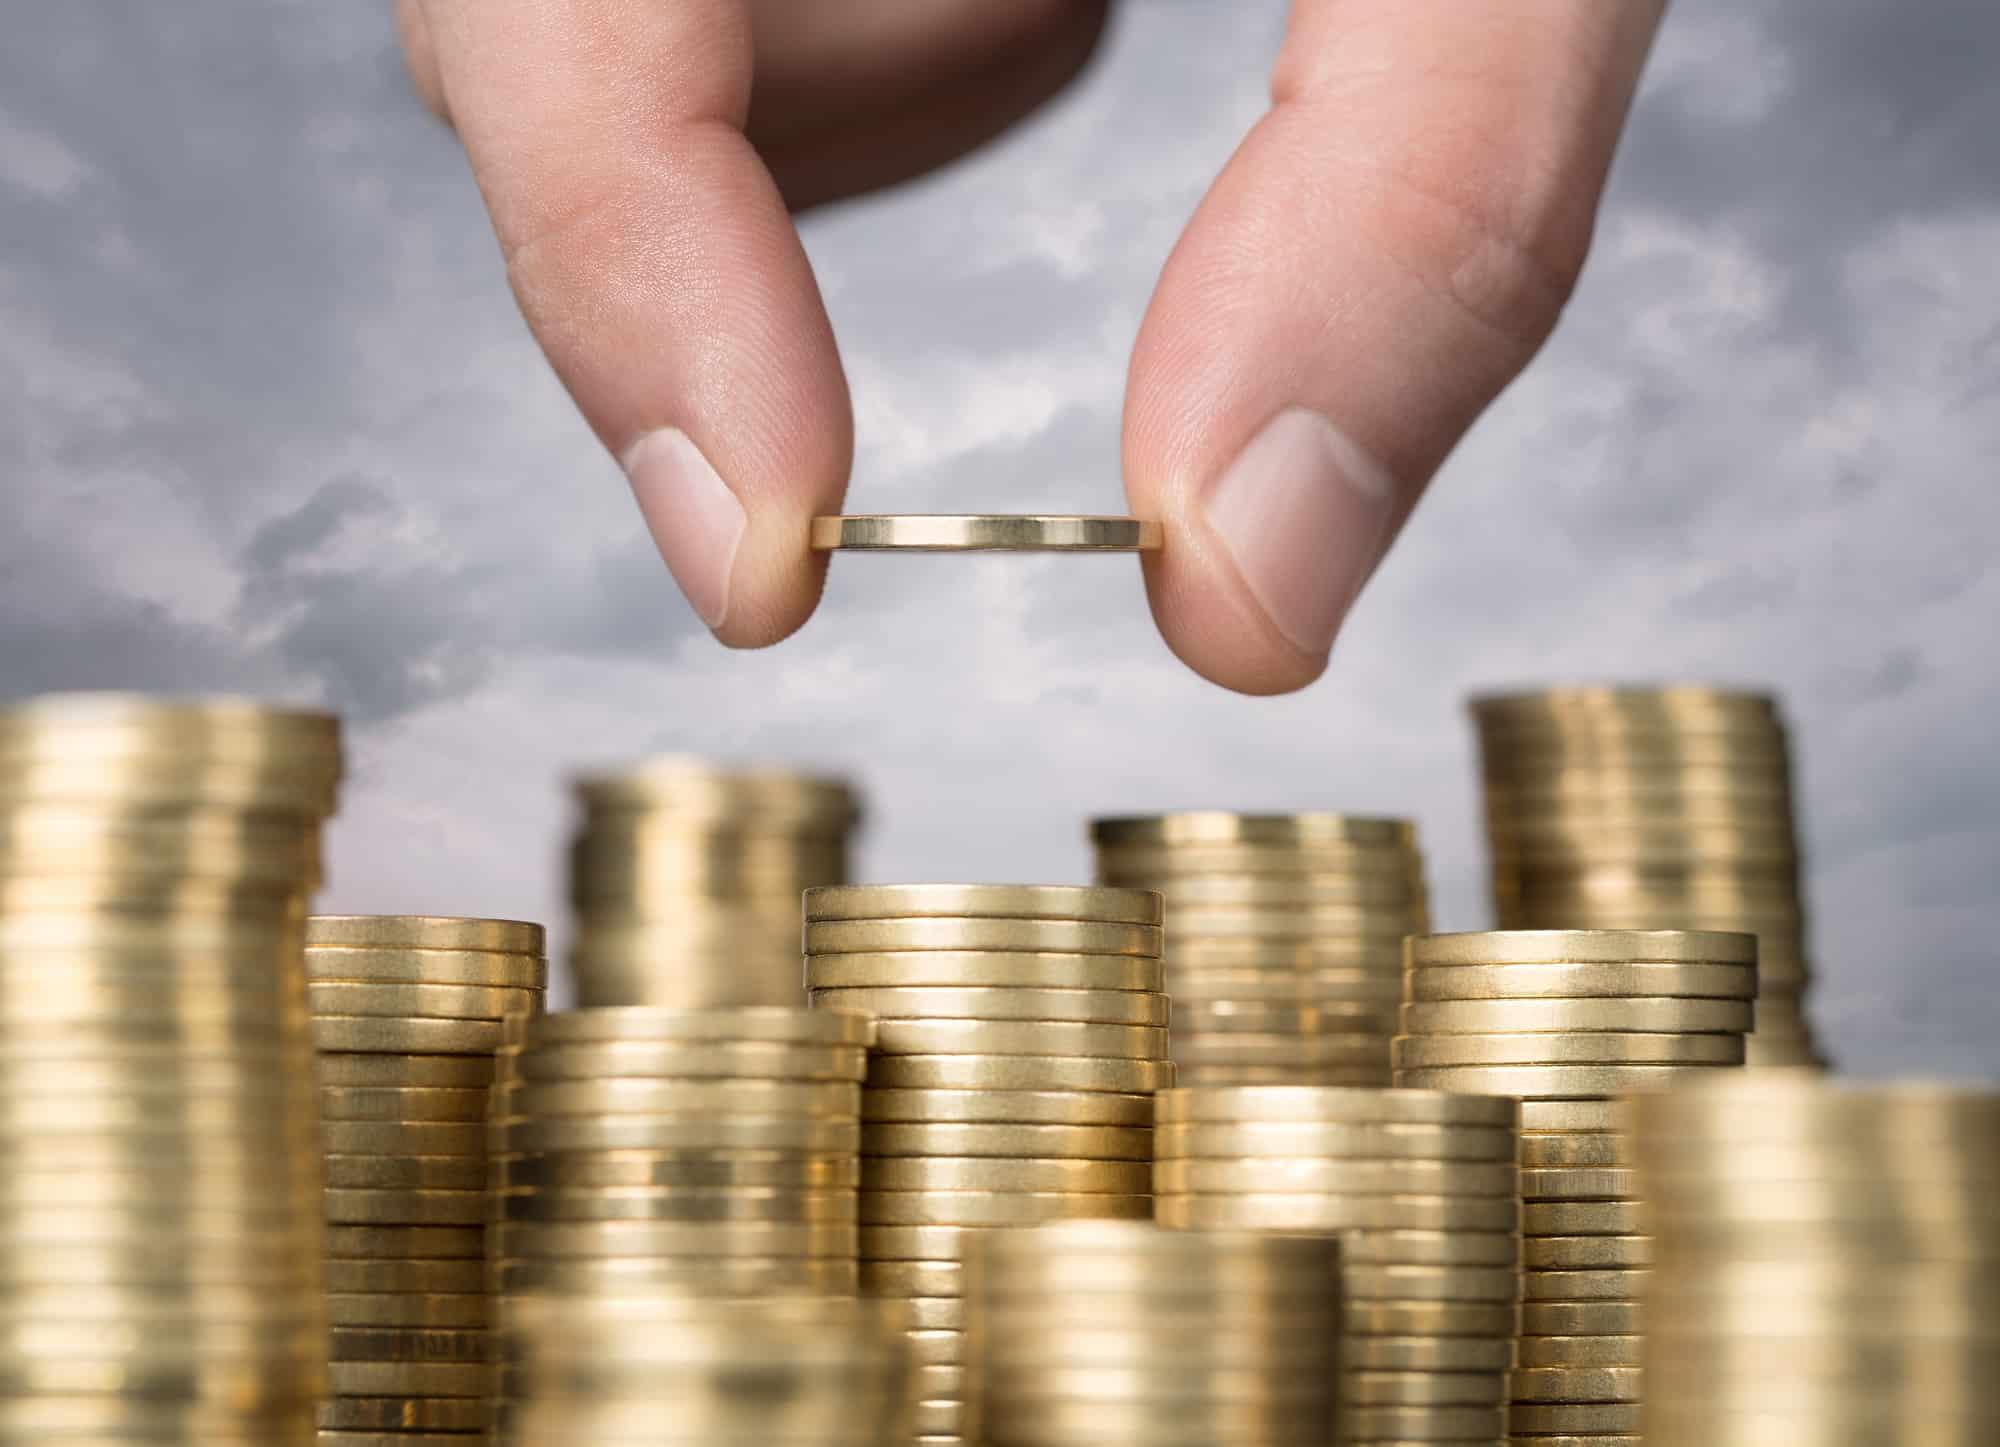 Une main qui pose une pièce qur des colonnes de pièces de monnaie